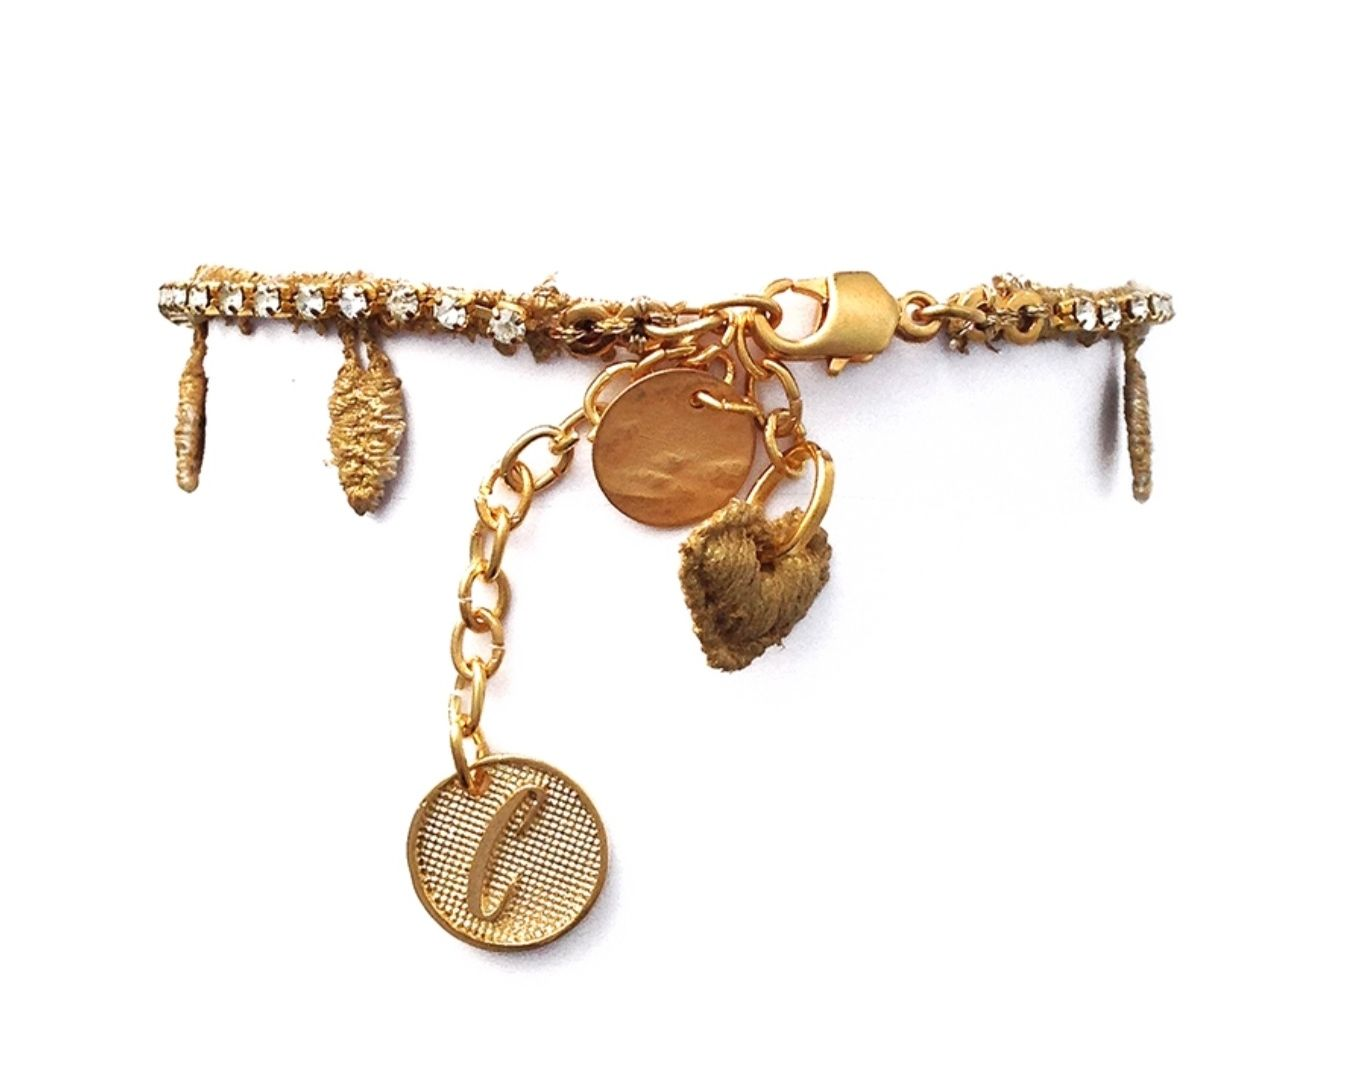 CUSPID Fina pulsera con hojitas y cristales de imitación. La parte de atrás tiene tres colgantes y uno en forma de corazón de encaje. #Vintage #style #fashion